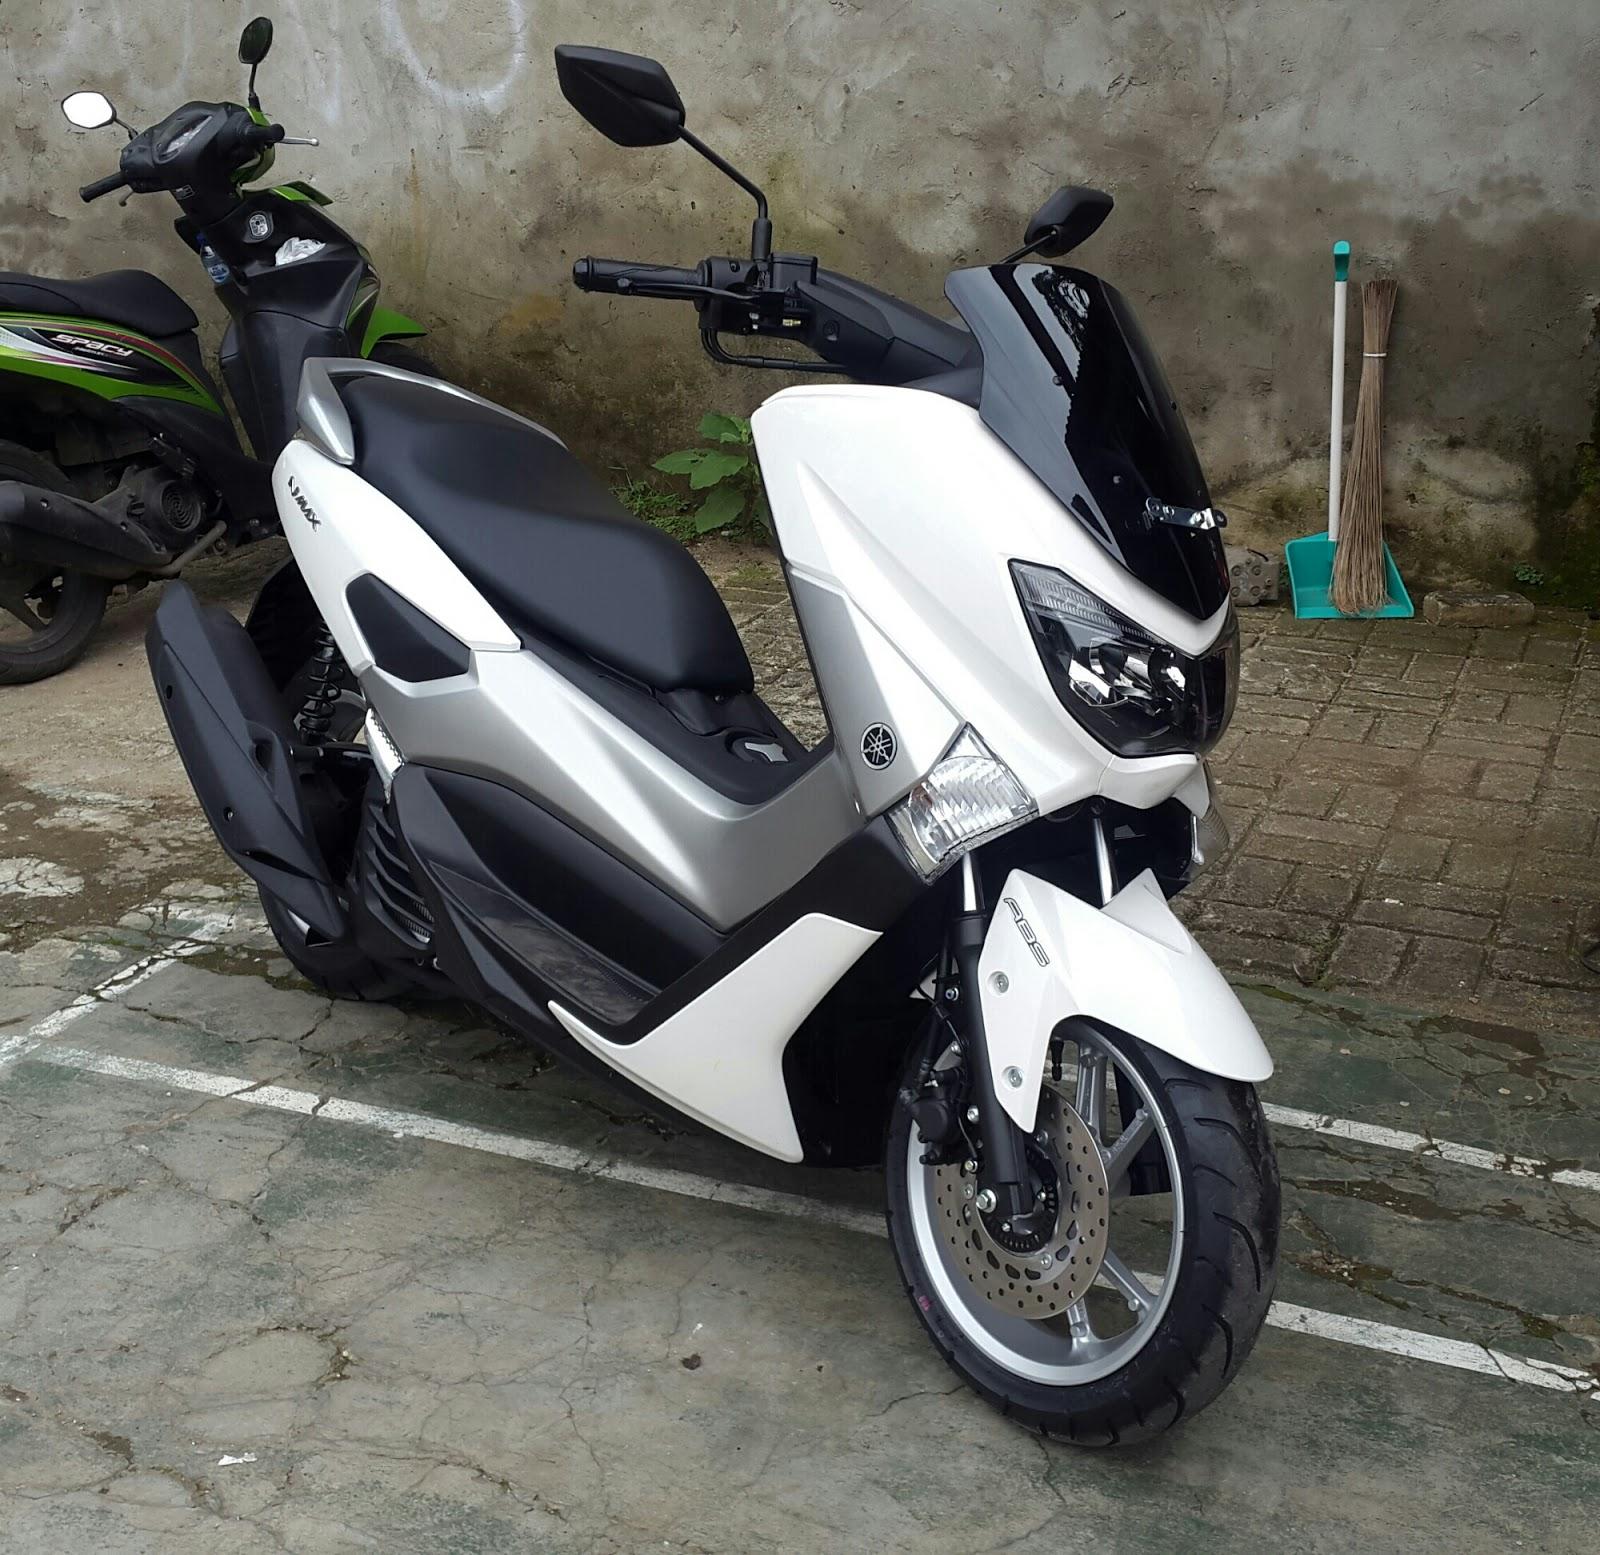 77 Modifikasi Motor Yamaha Nmax Putih Gambar Foto Terbaru Olhcparish